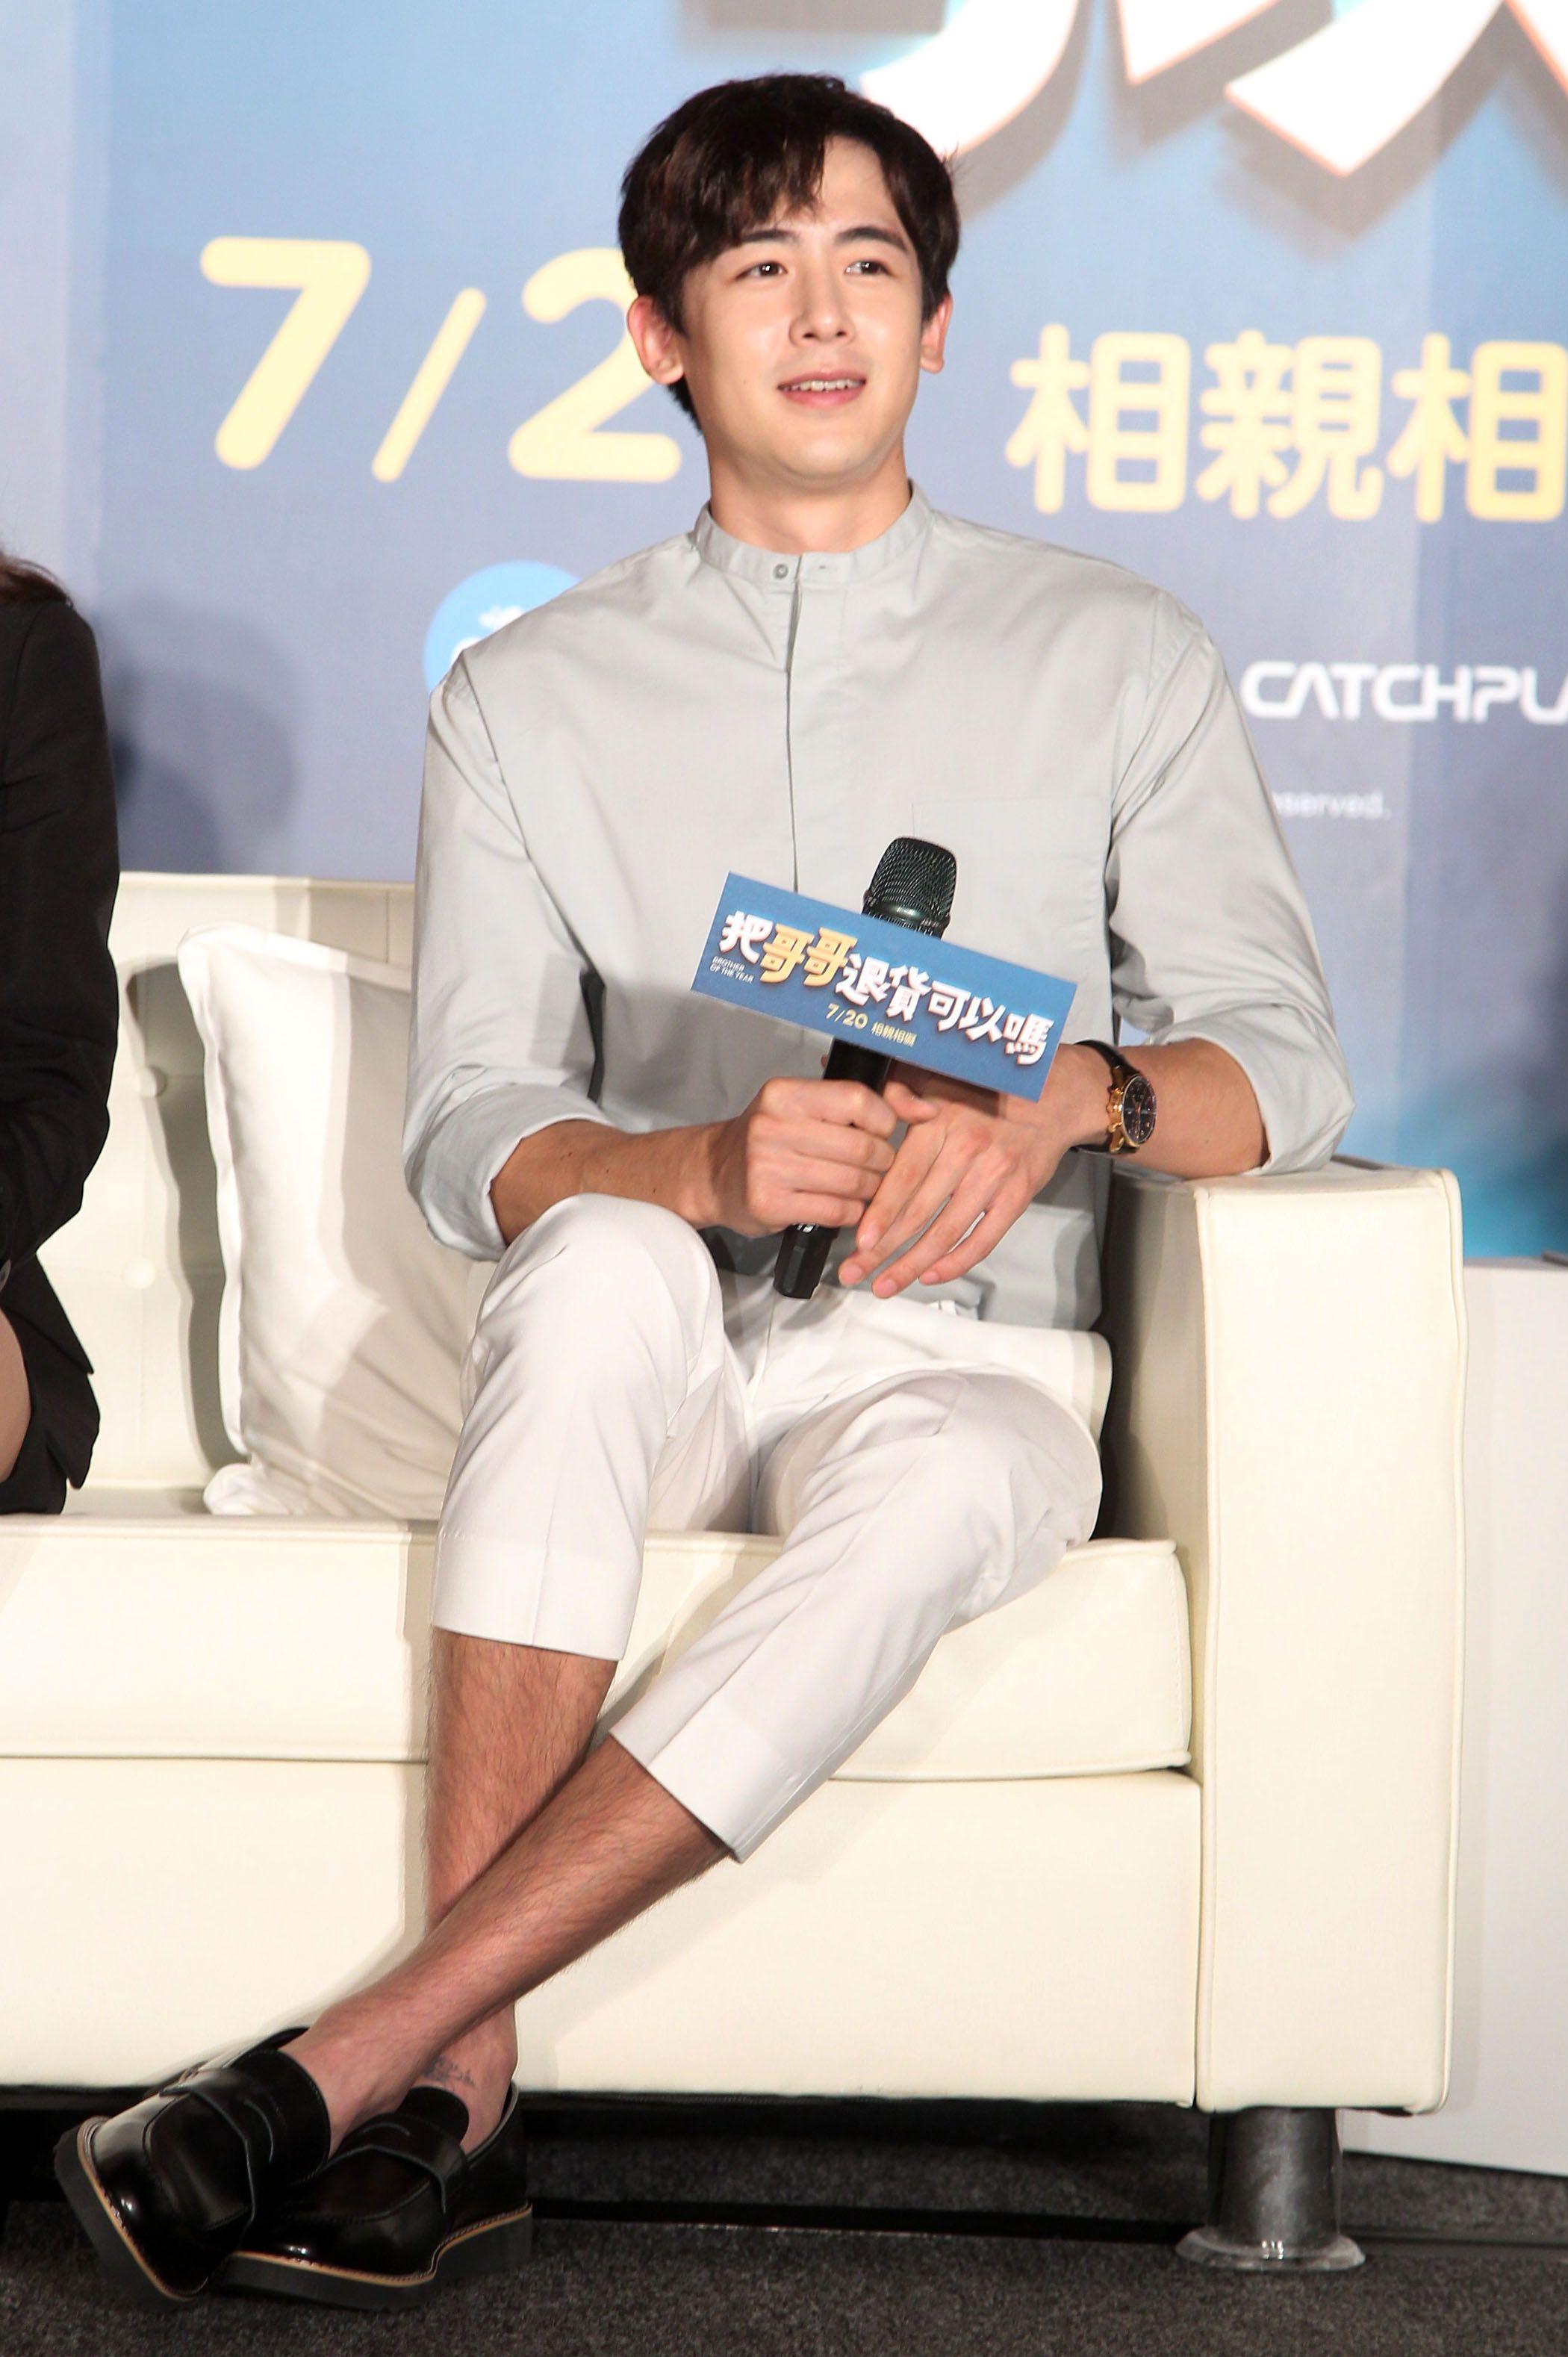 泰國電影「把哥哥退貨可以嗎」男主角2PM團員尼坤、Sunny。(記者邱榮吉/攝影)